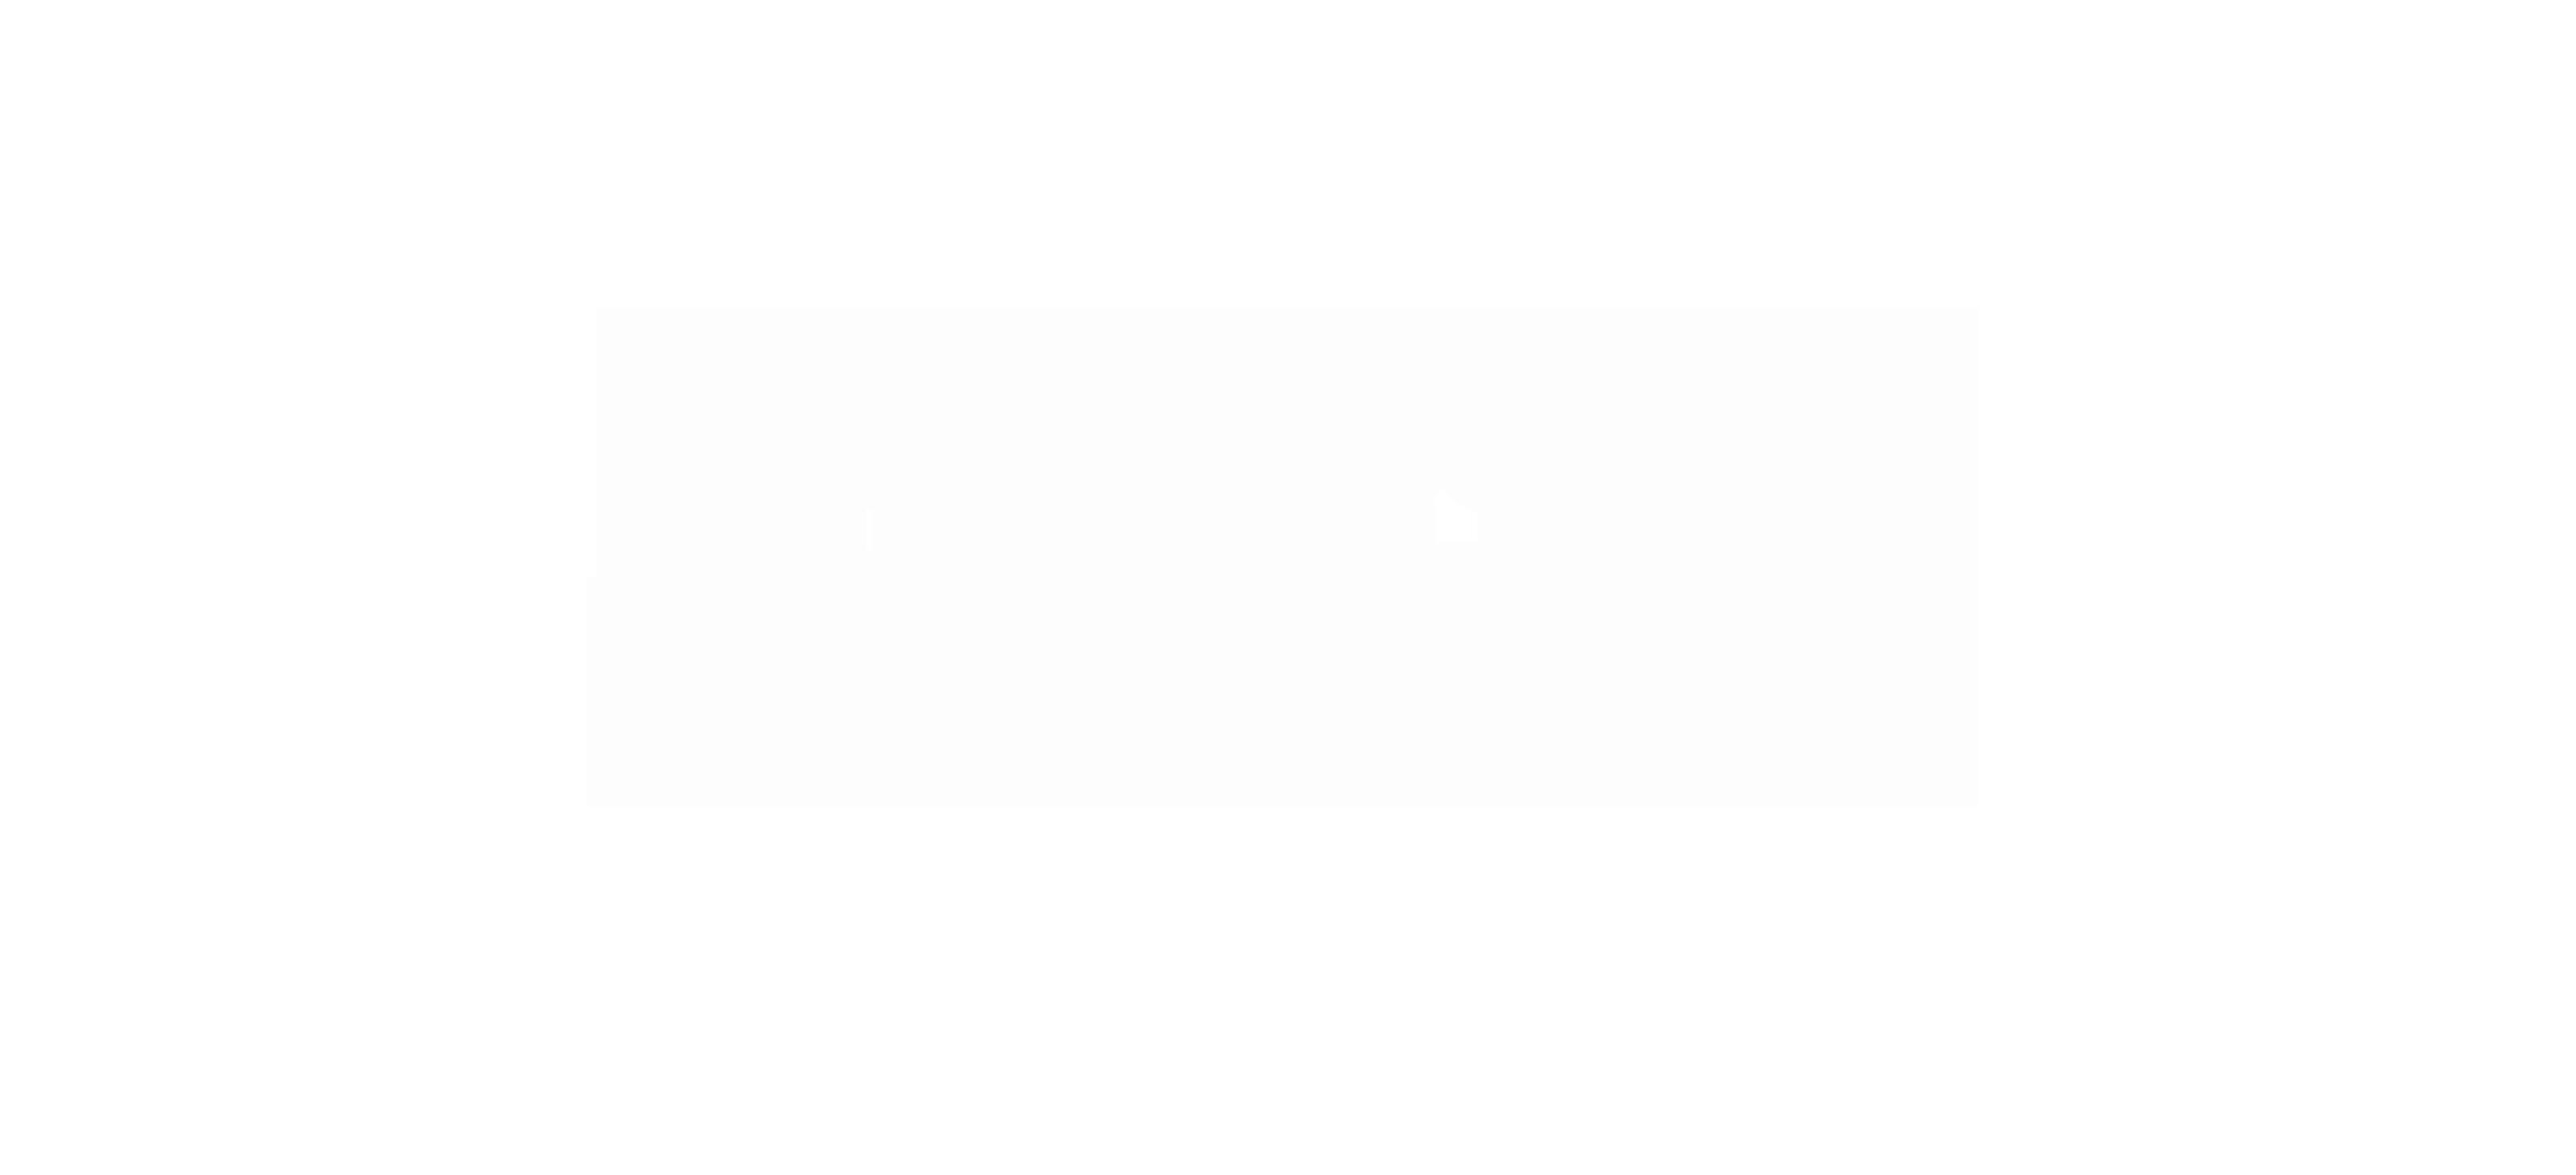 moffou